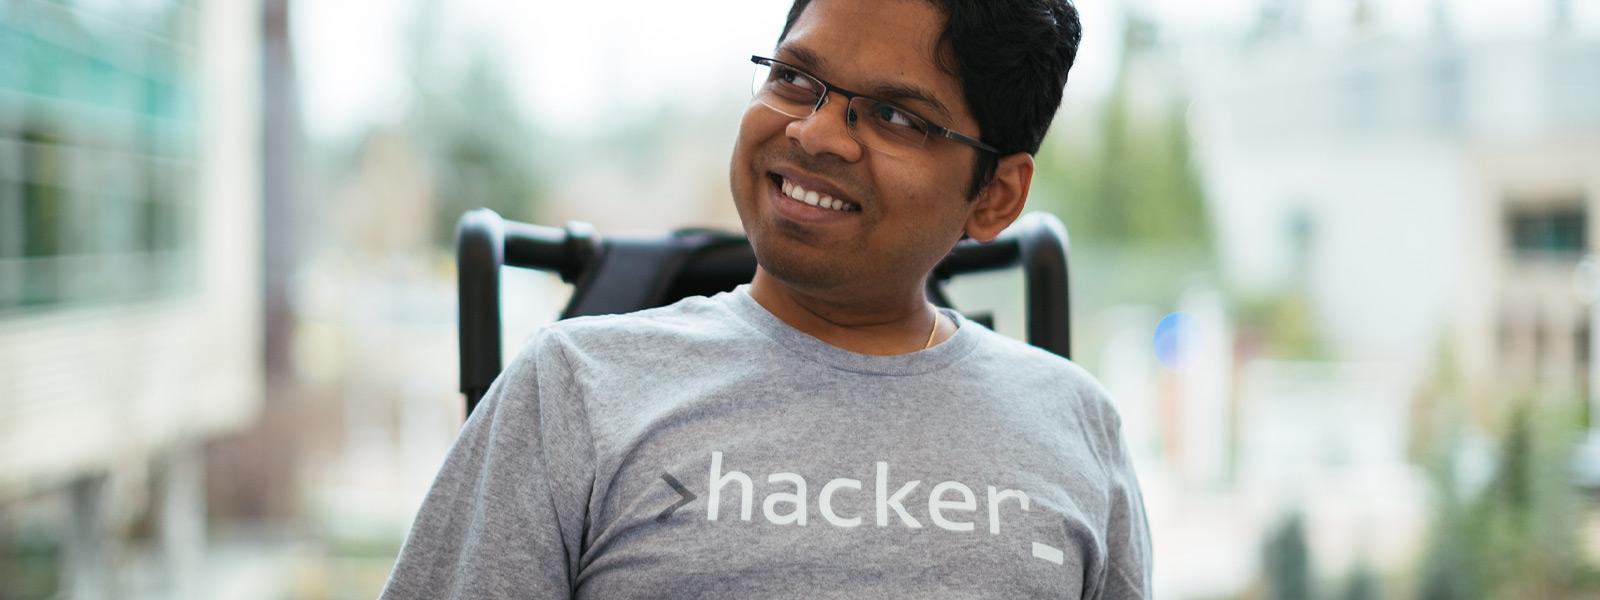 Tekerlekli sandalyede oturan, gülümseyen bir adam